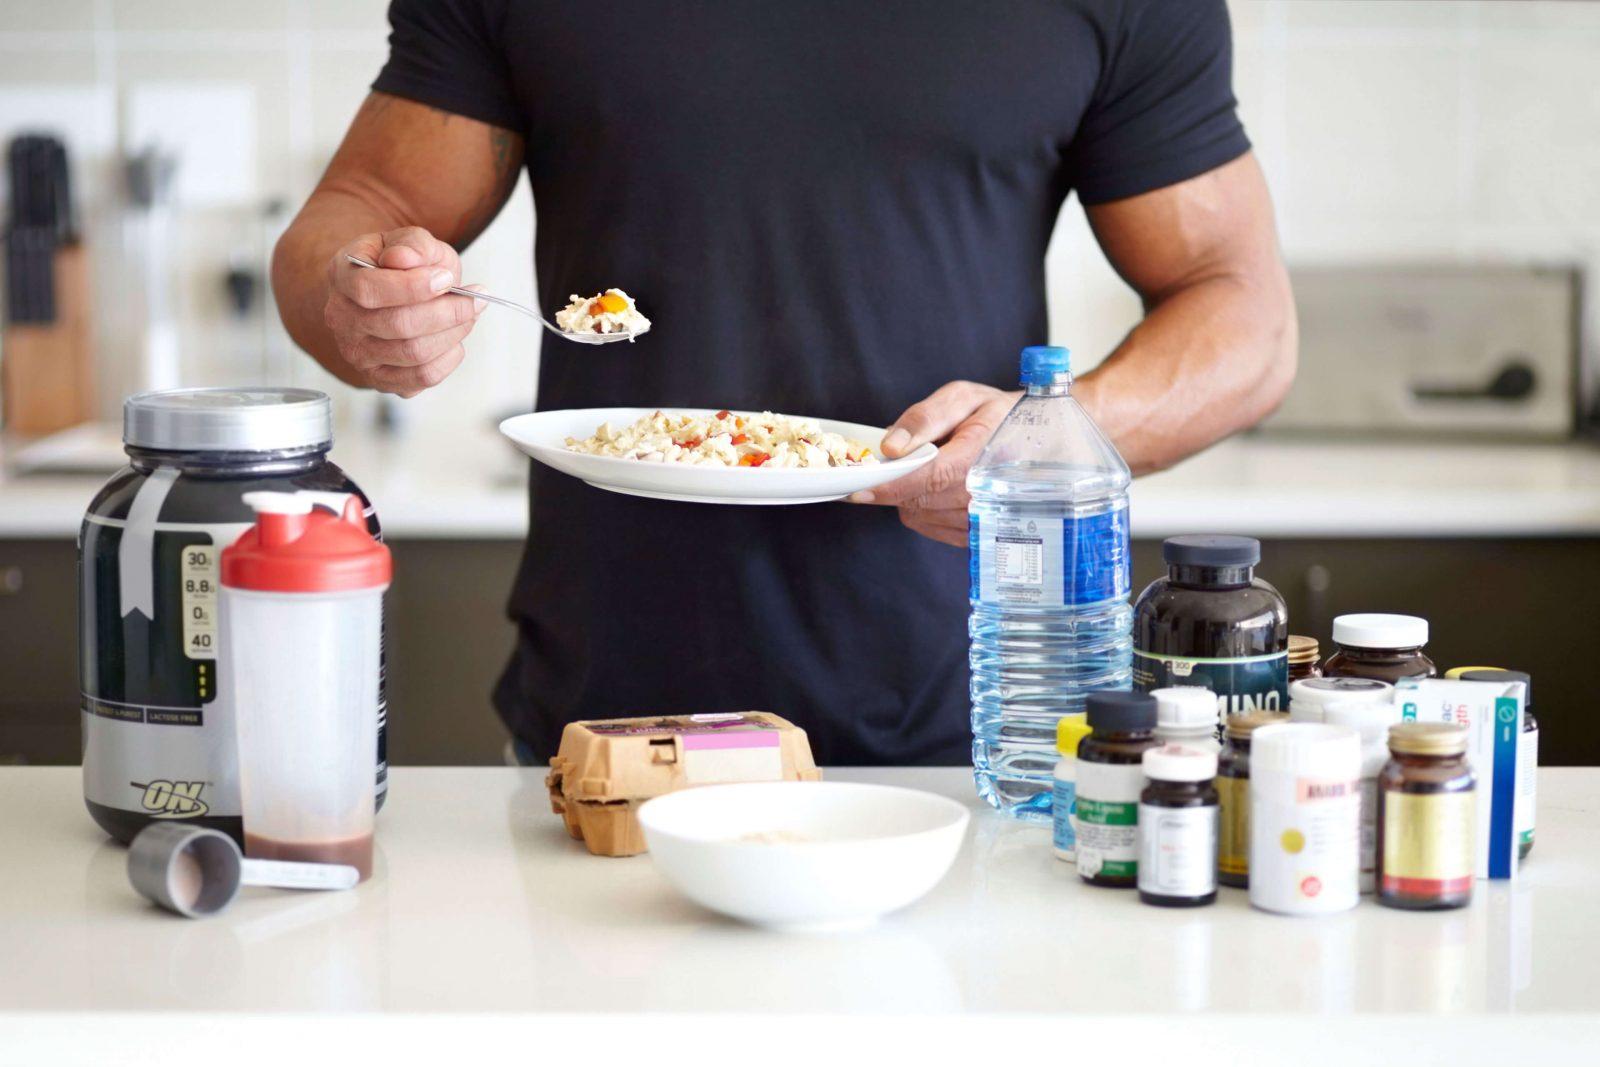 Накаченный атлет, шейкер с протеином, бутылка воды, салат